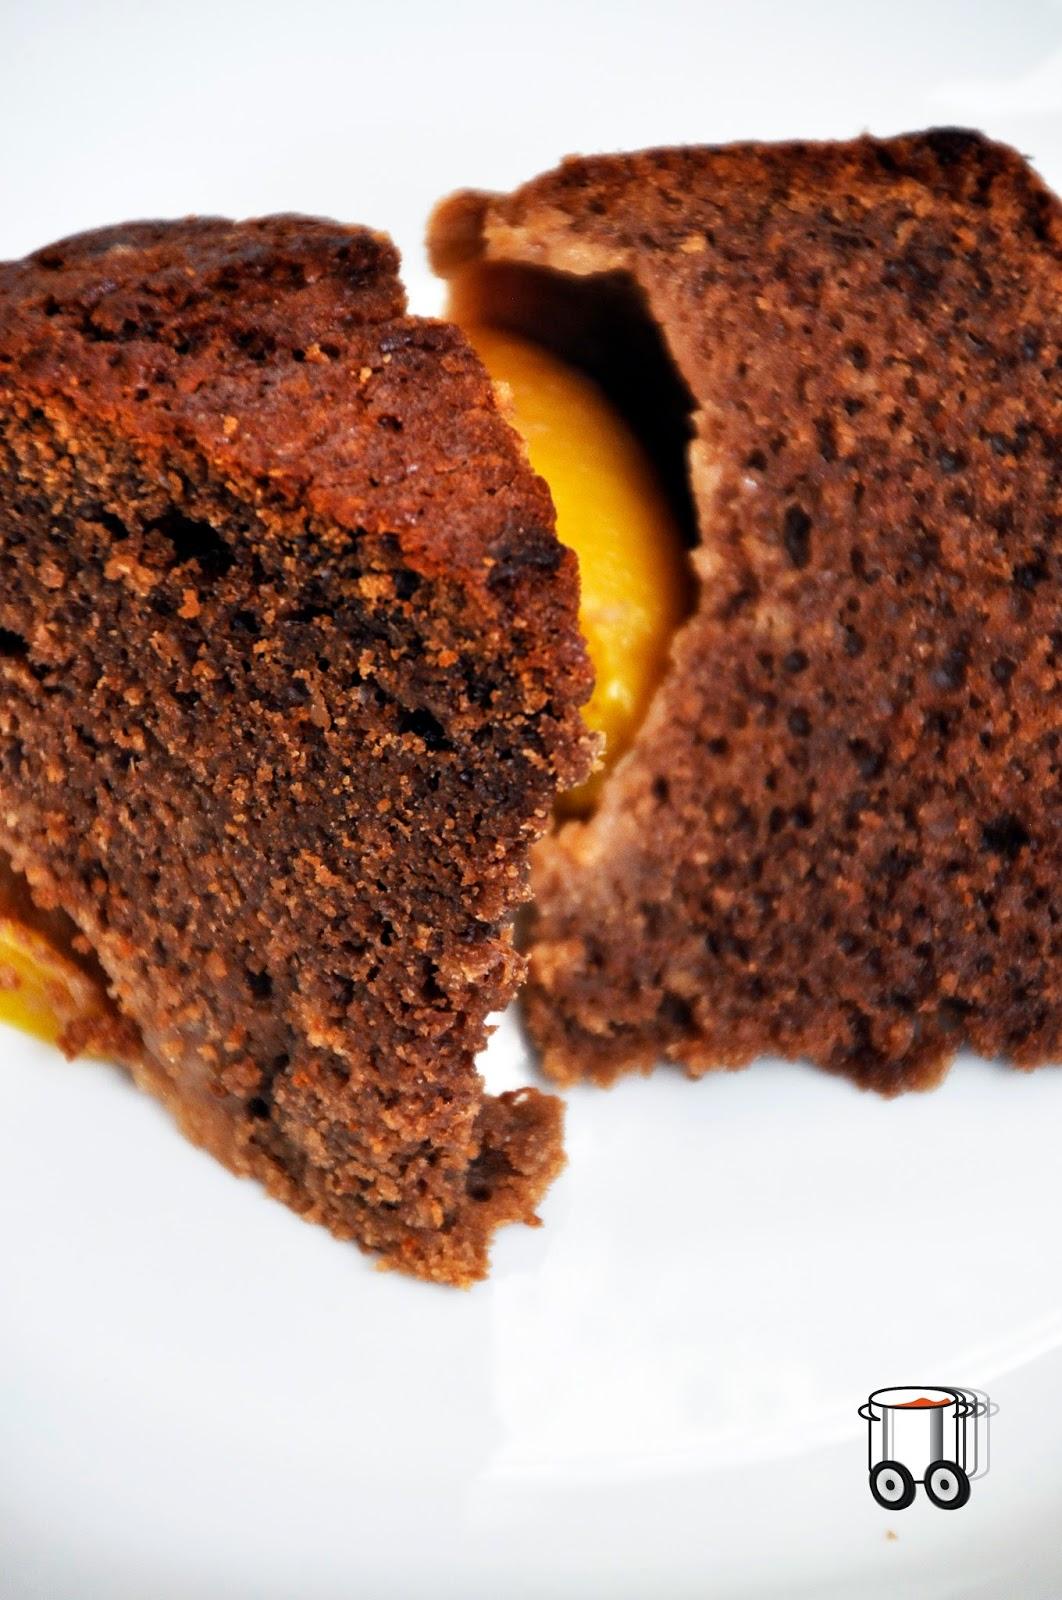 Szybko Tanio Smacznie - Ciasto czekoladowo - kawowe